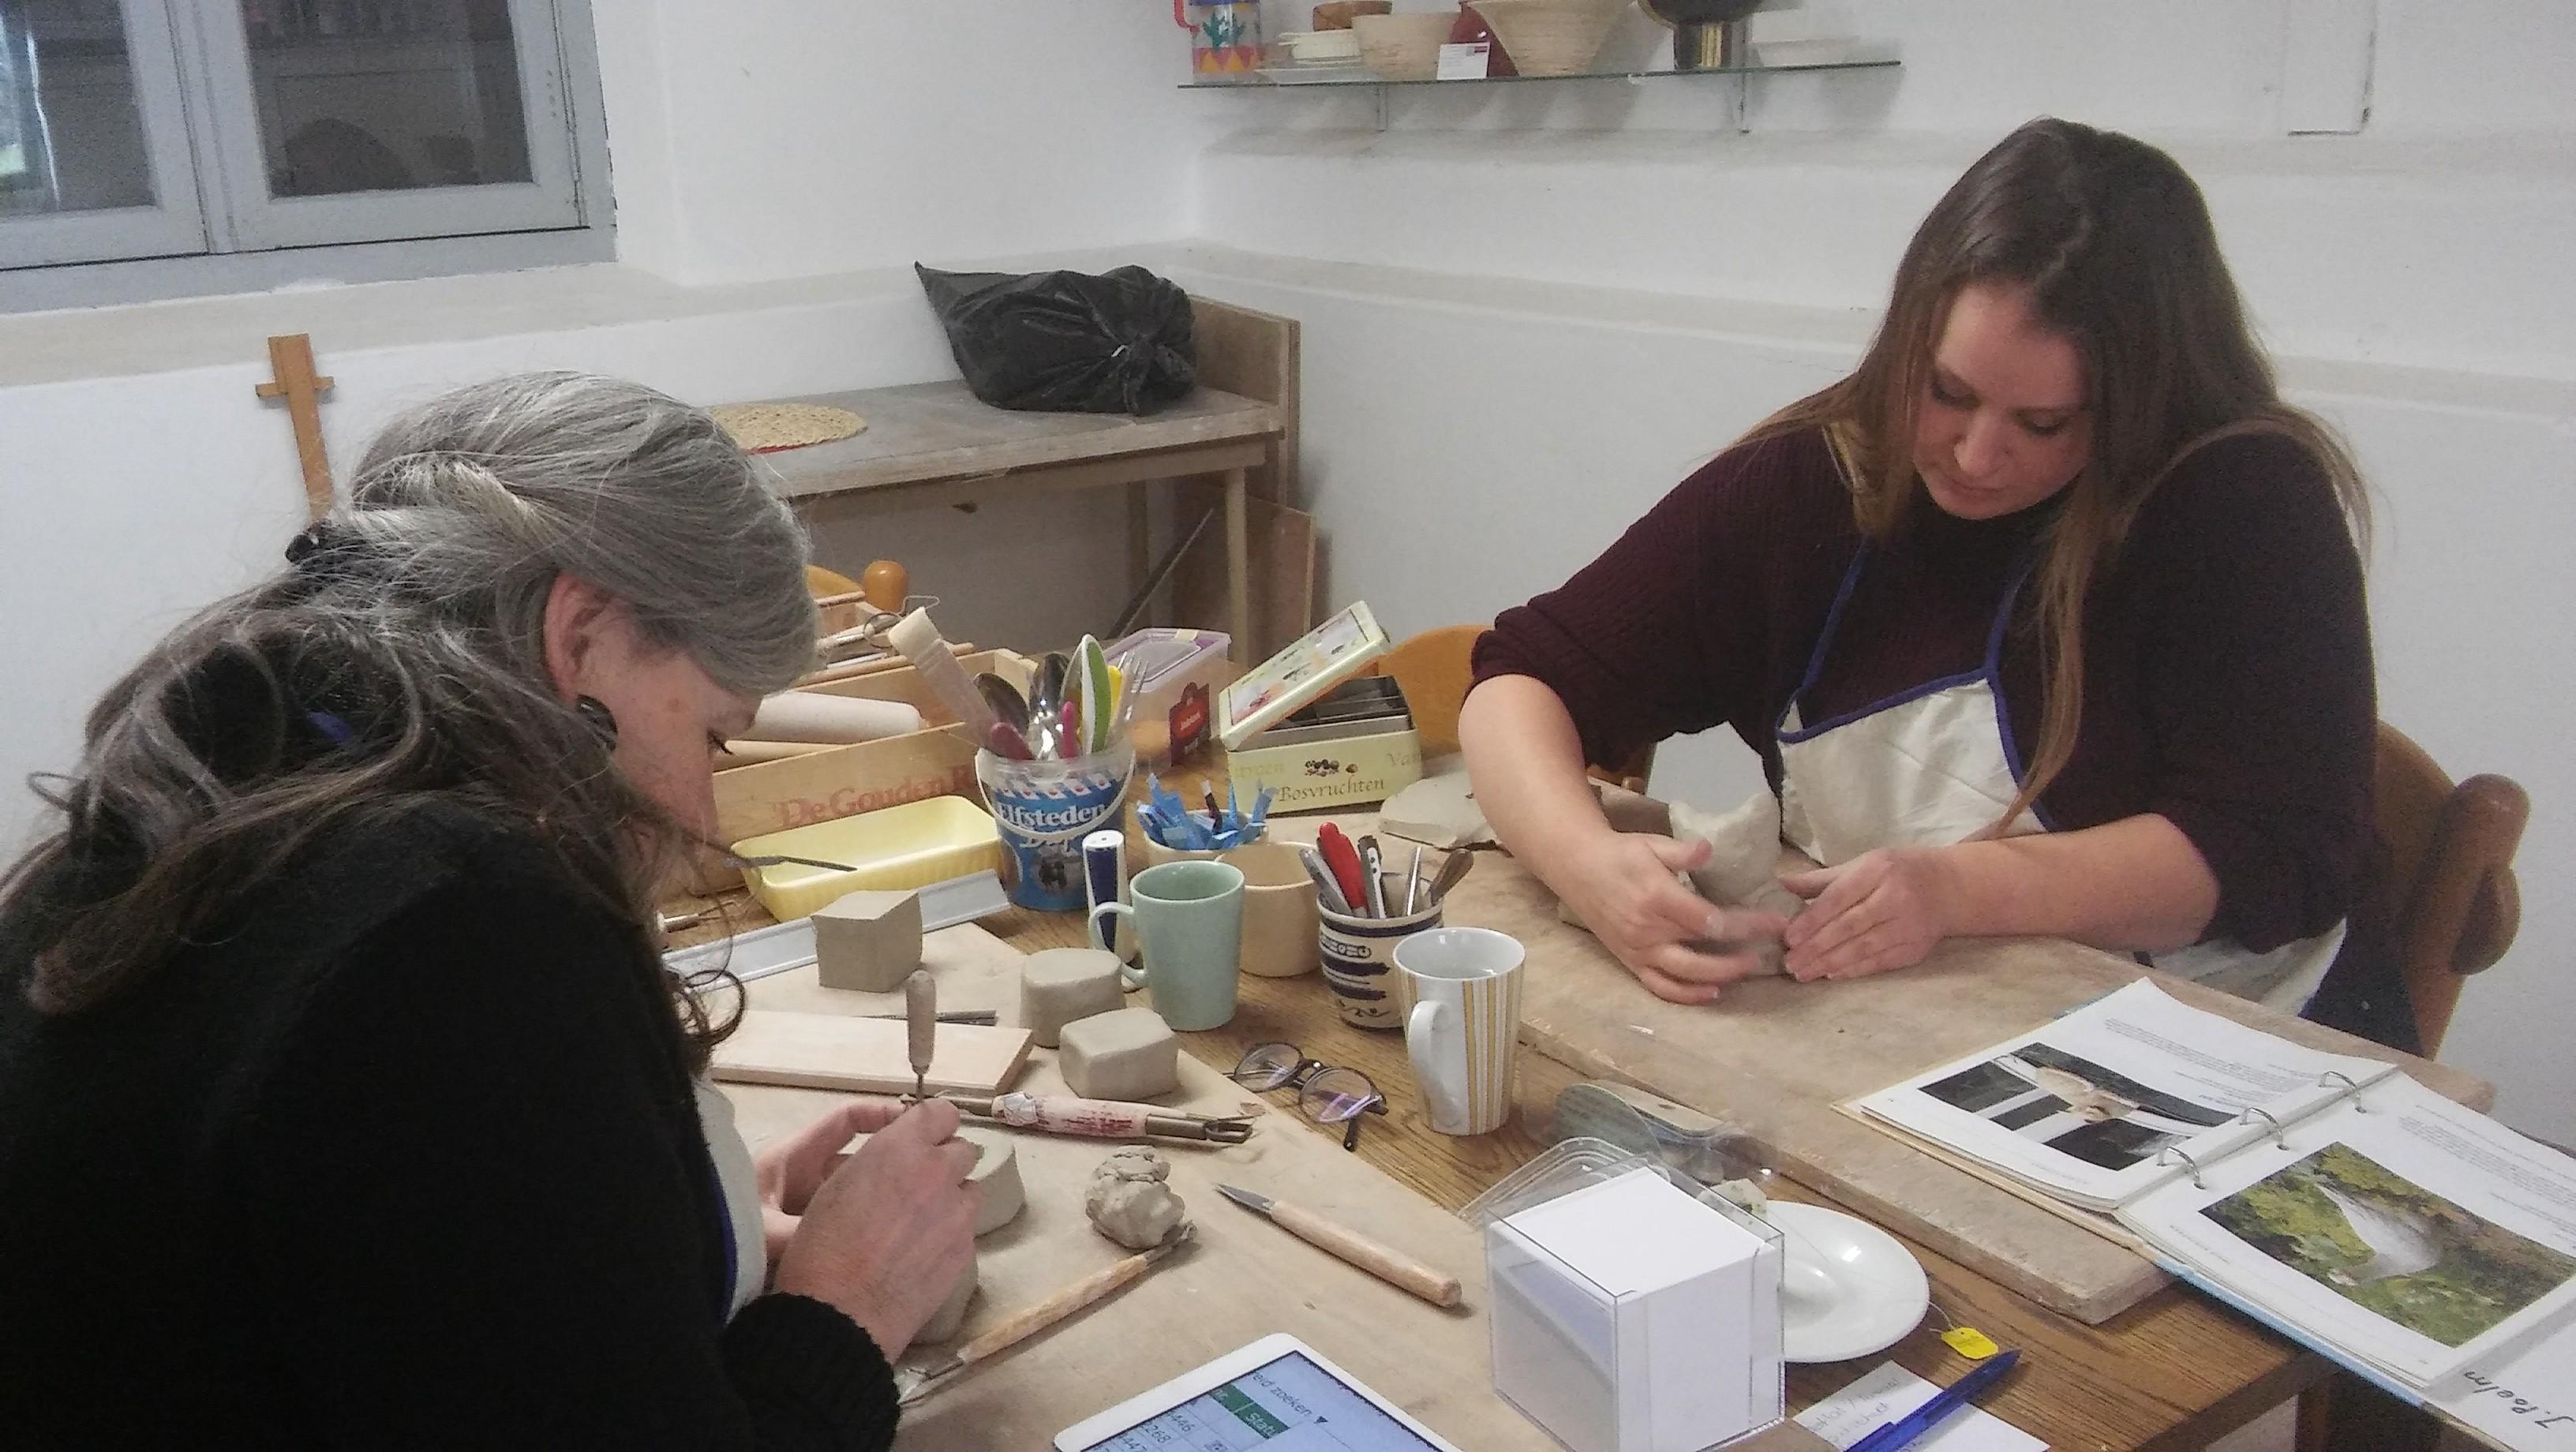 Handvormen met klei